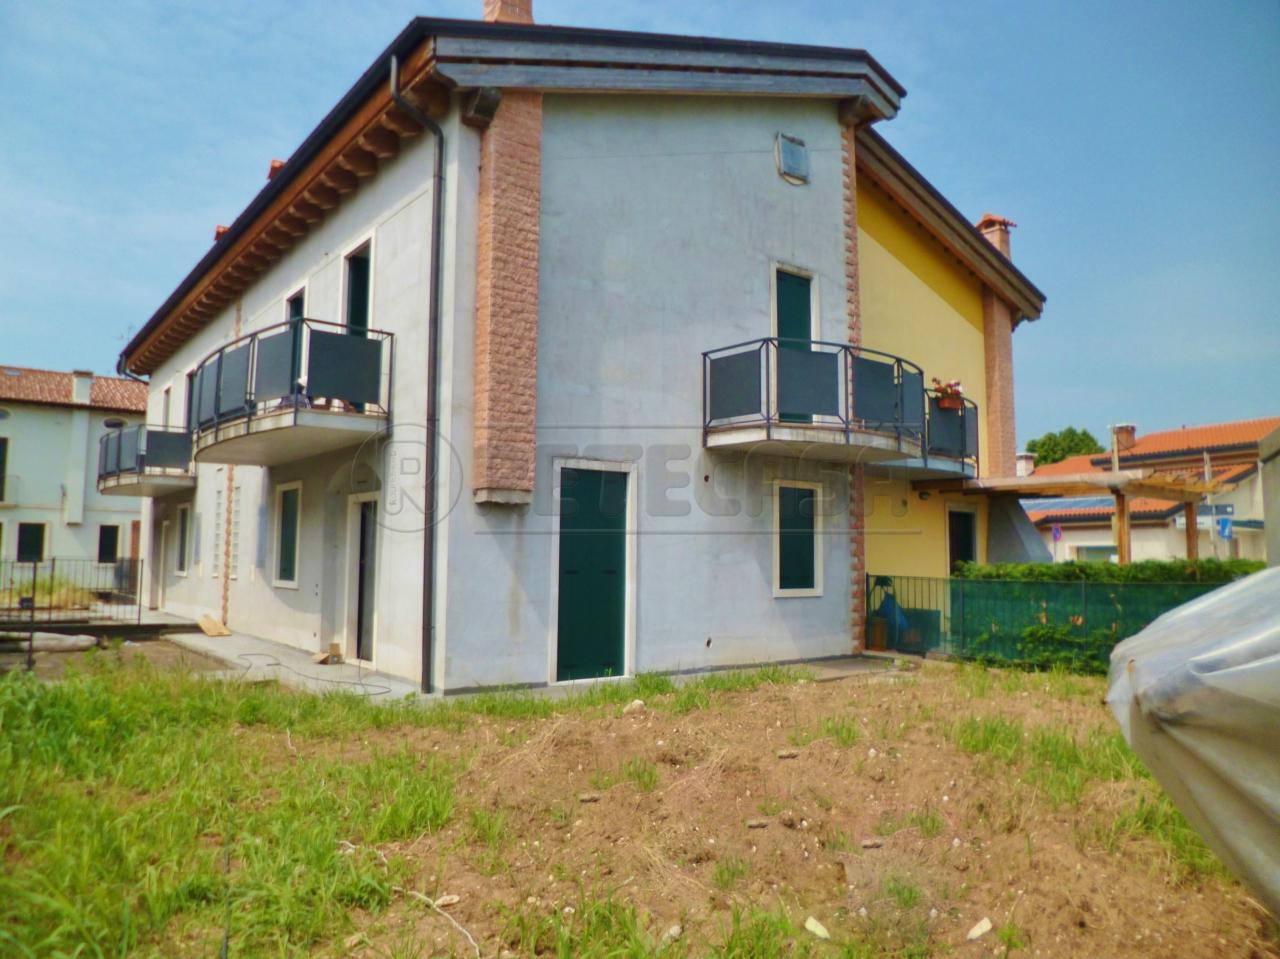 Soluzione Semindipendente in vendita a Montebello Vicentino, 6 locali, prezzo € 180.000 | Cambio Casa.it